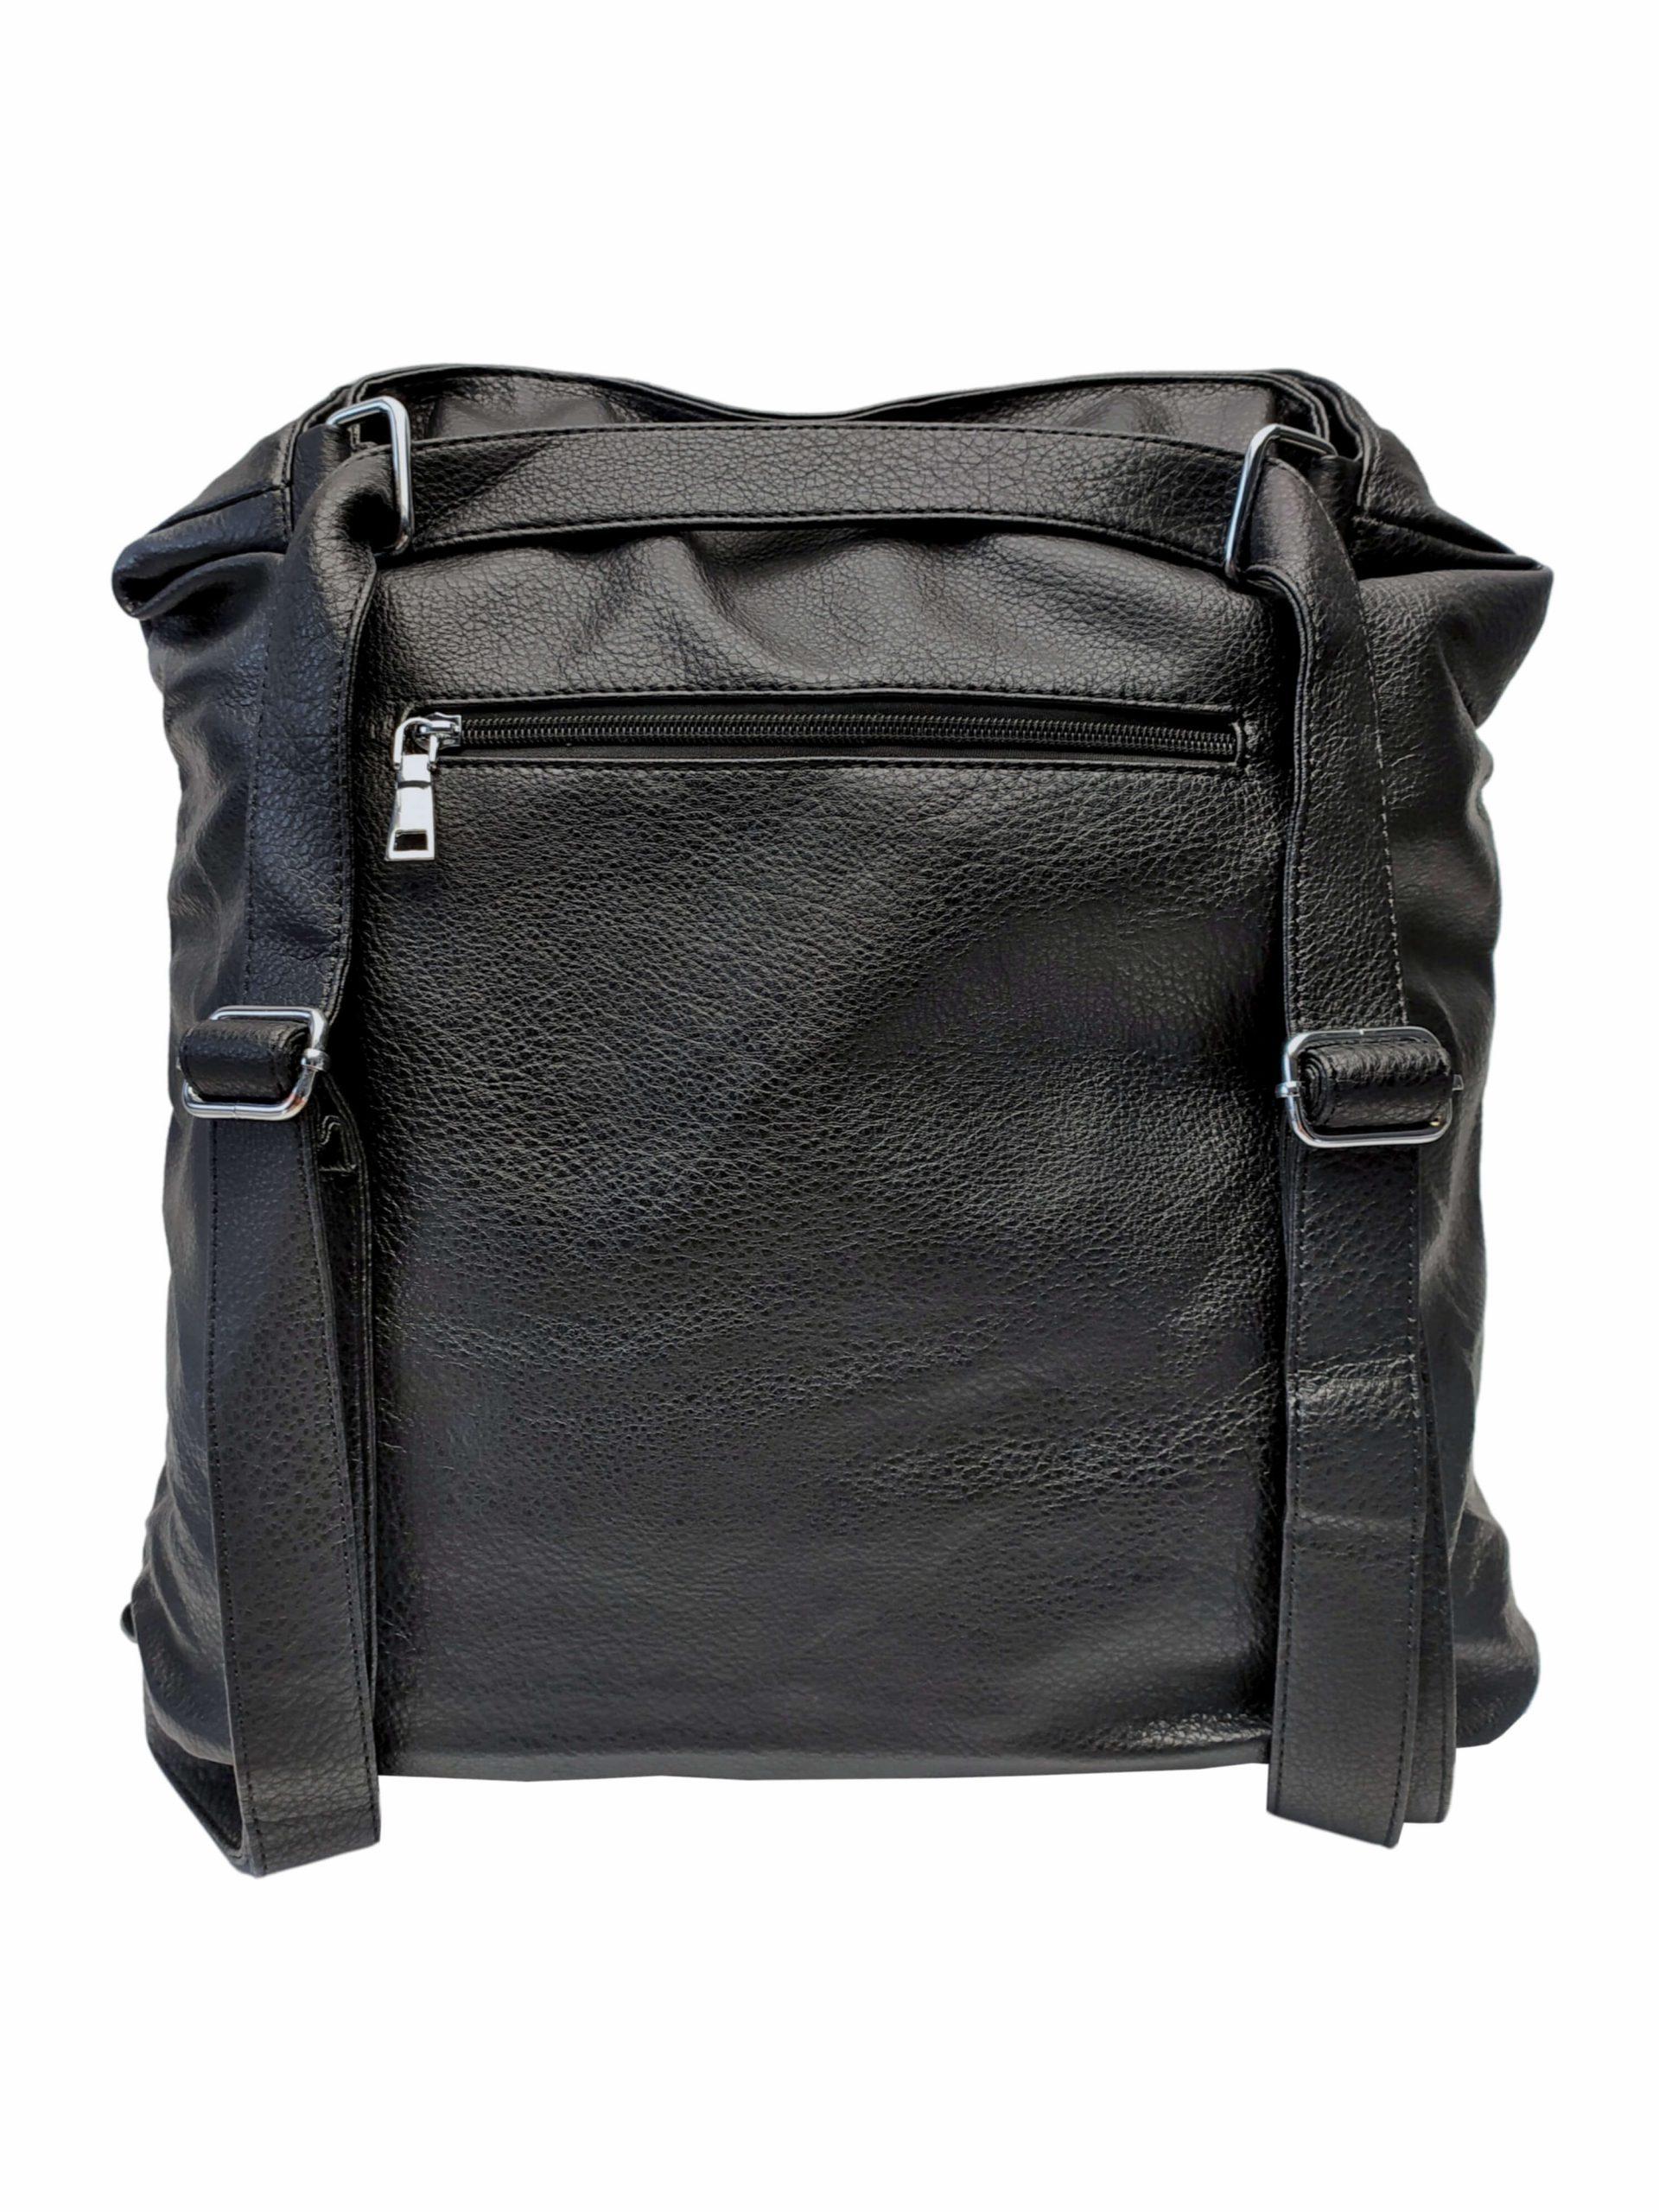 Černá kabelka a batoh v jednom se slušivými kapsami, Co & Coo Fashion, 0957, zadní strana kabelky a batohu v jednom s popruhy